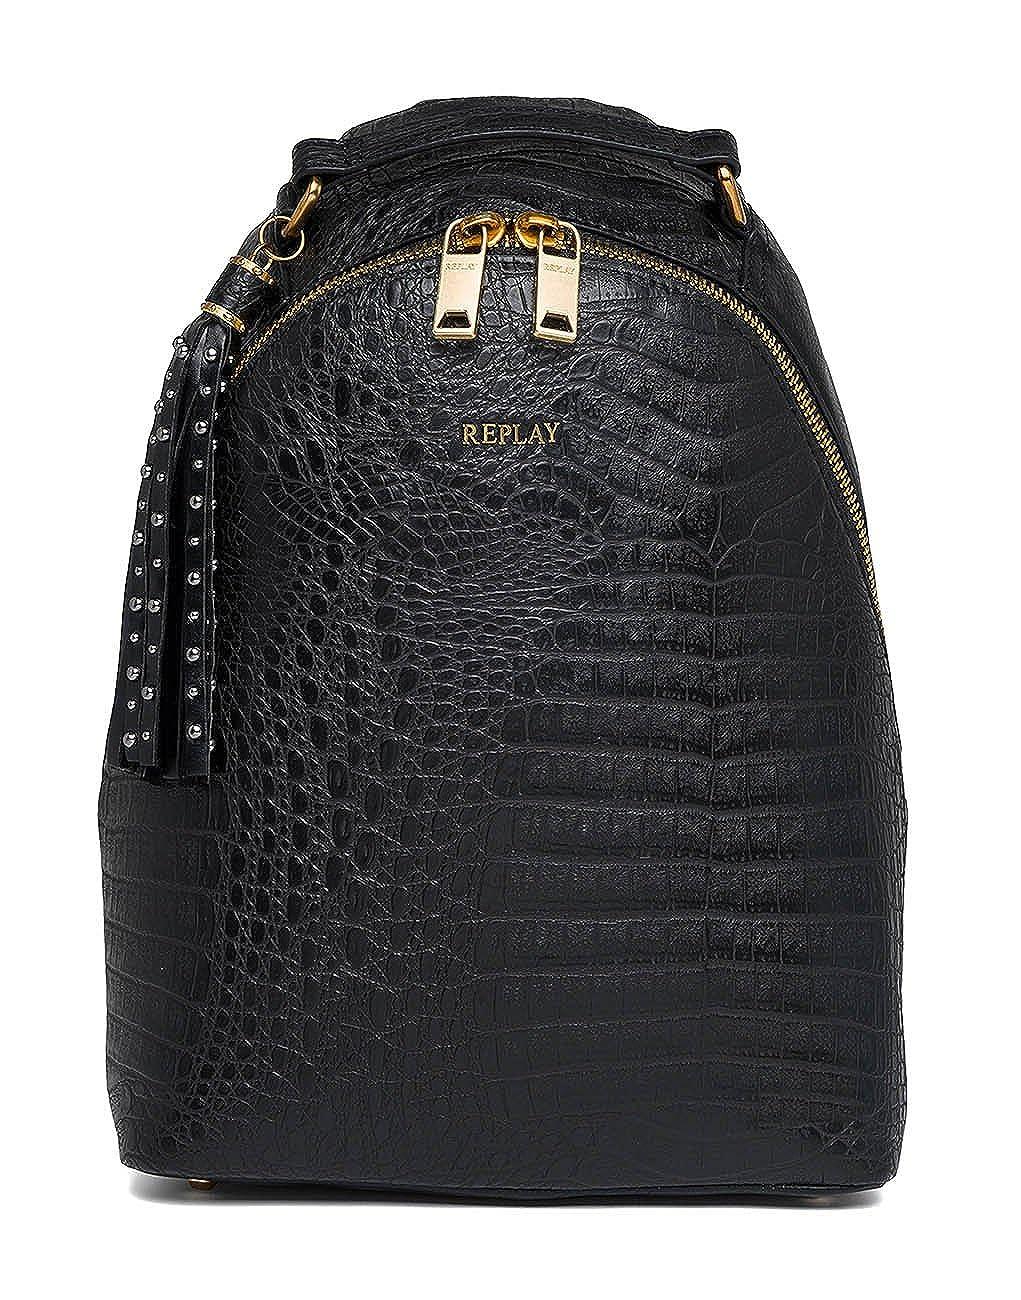 リプレイFw3758.000.a0364、女性のバックパックハンドバッグ、黒、11 x 34 x 24,5 cm(B x HT) B07CL2V662